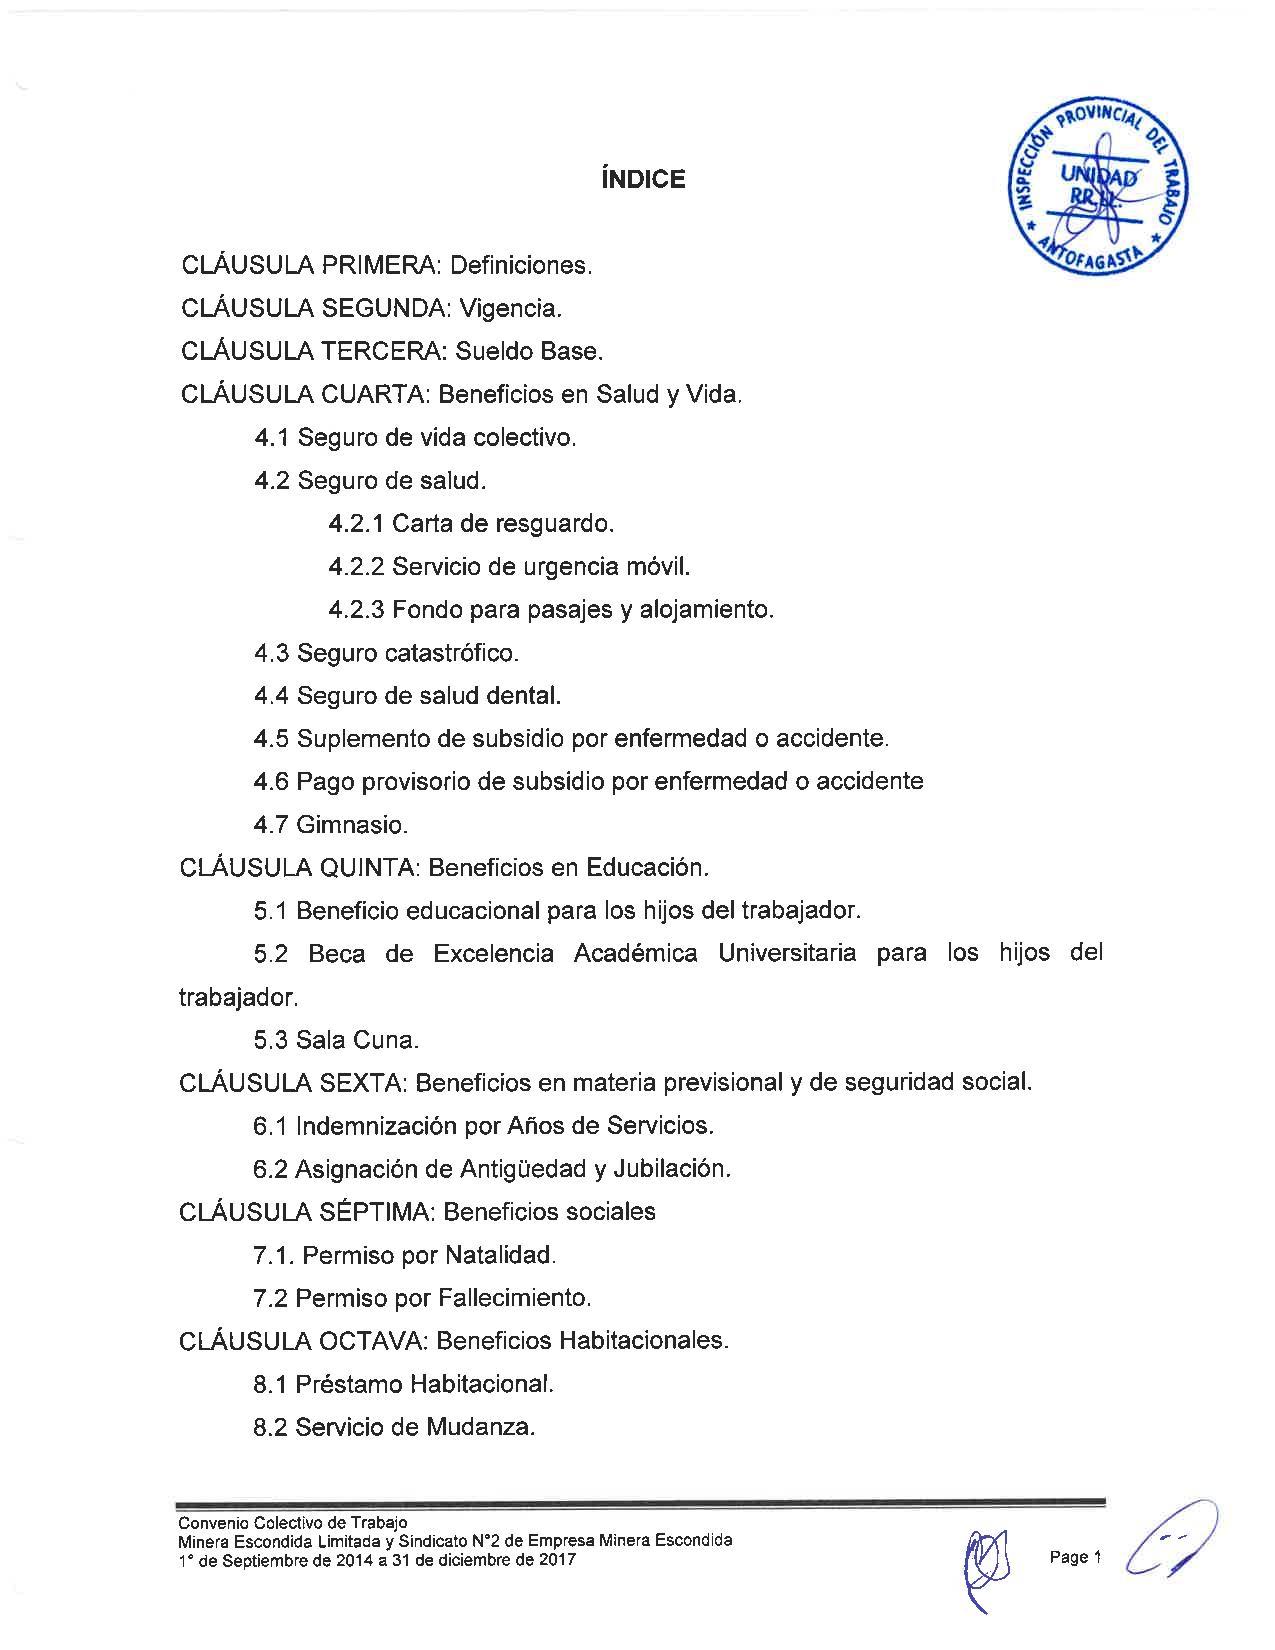 Página (1).jpg